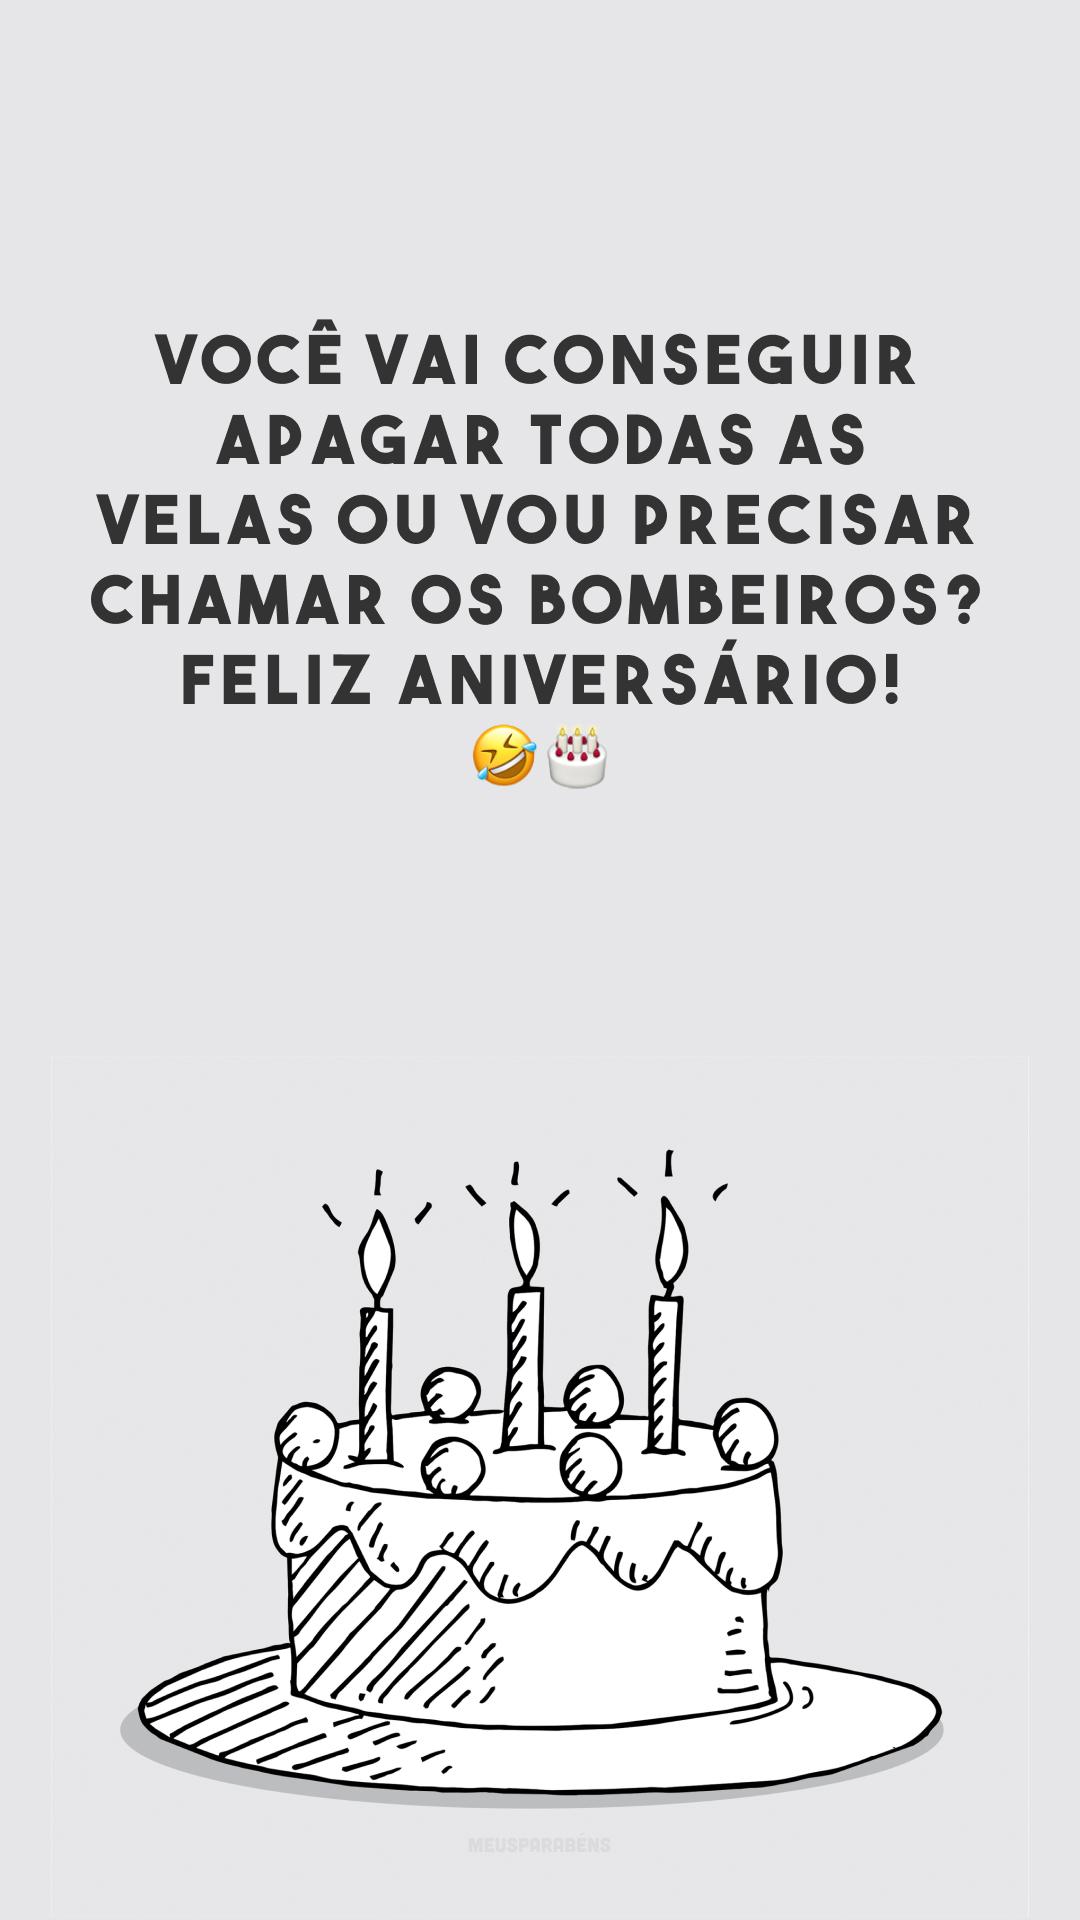 Você vai conseguir apagar todas as velas ou vou precisar chamar os bombeiros? Feliz aniversário! 🤣🎂